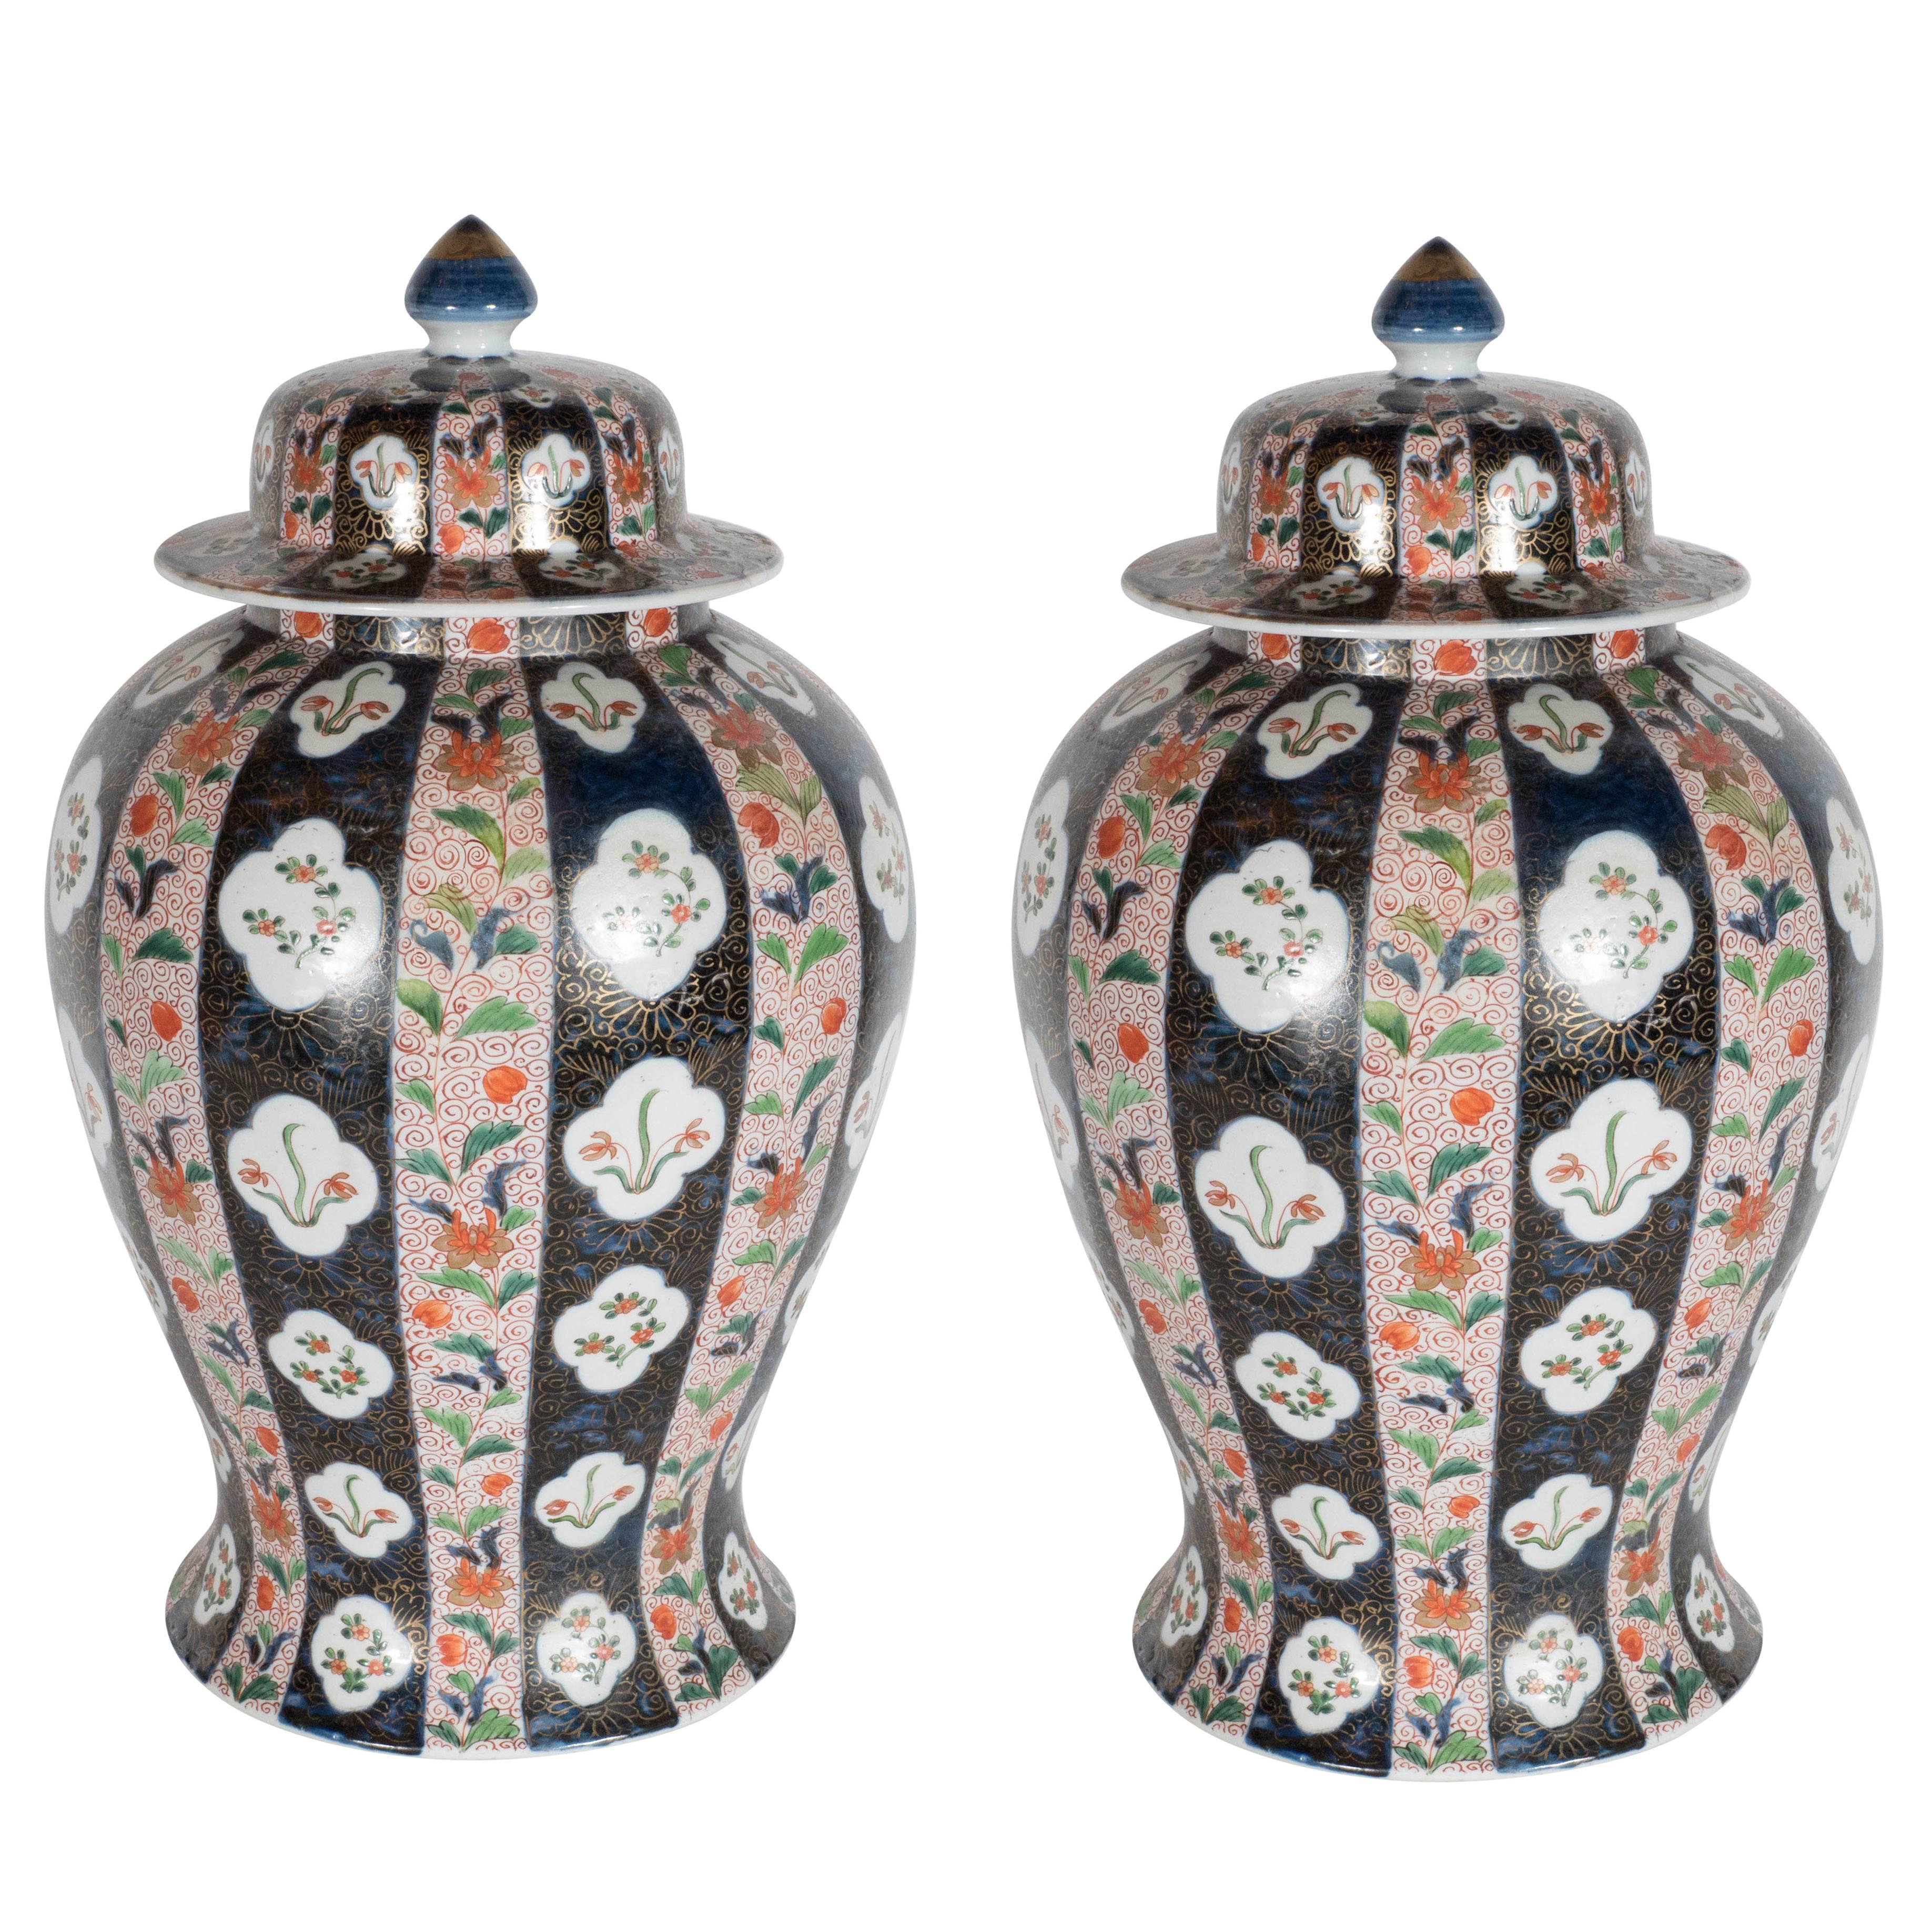 Large-Scale Antique Chinese Porcelain Famille Verte Lidded Vases / Urns